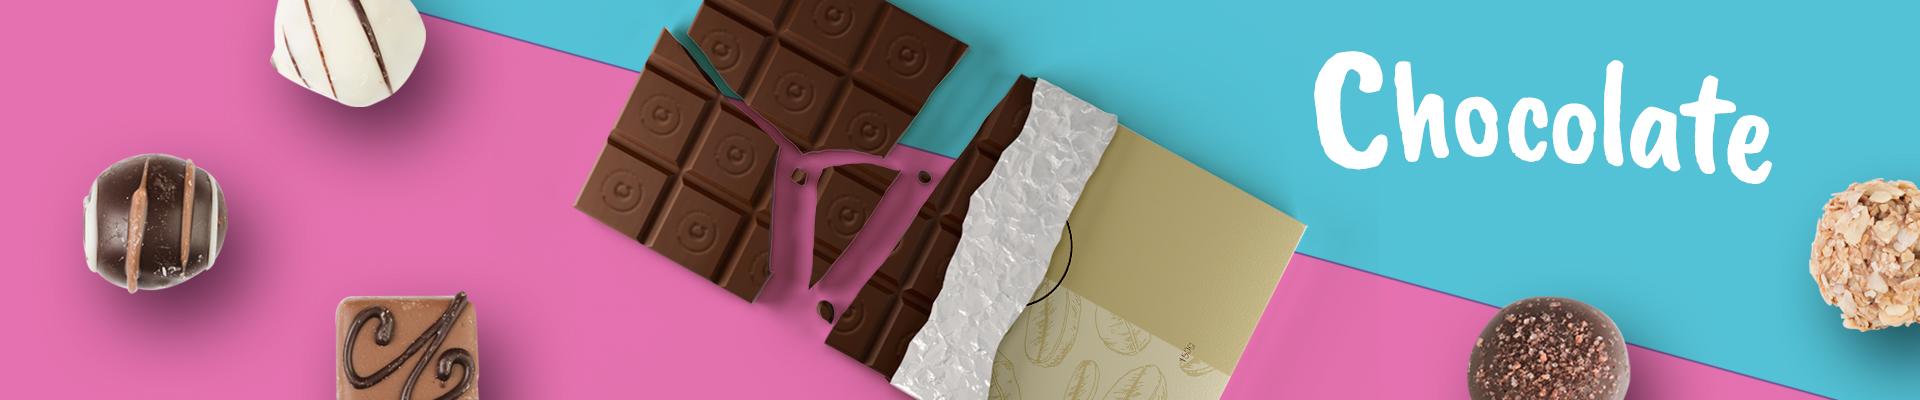 chocolates y bombones con publicidad